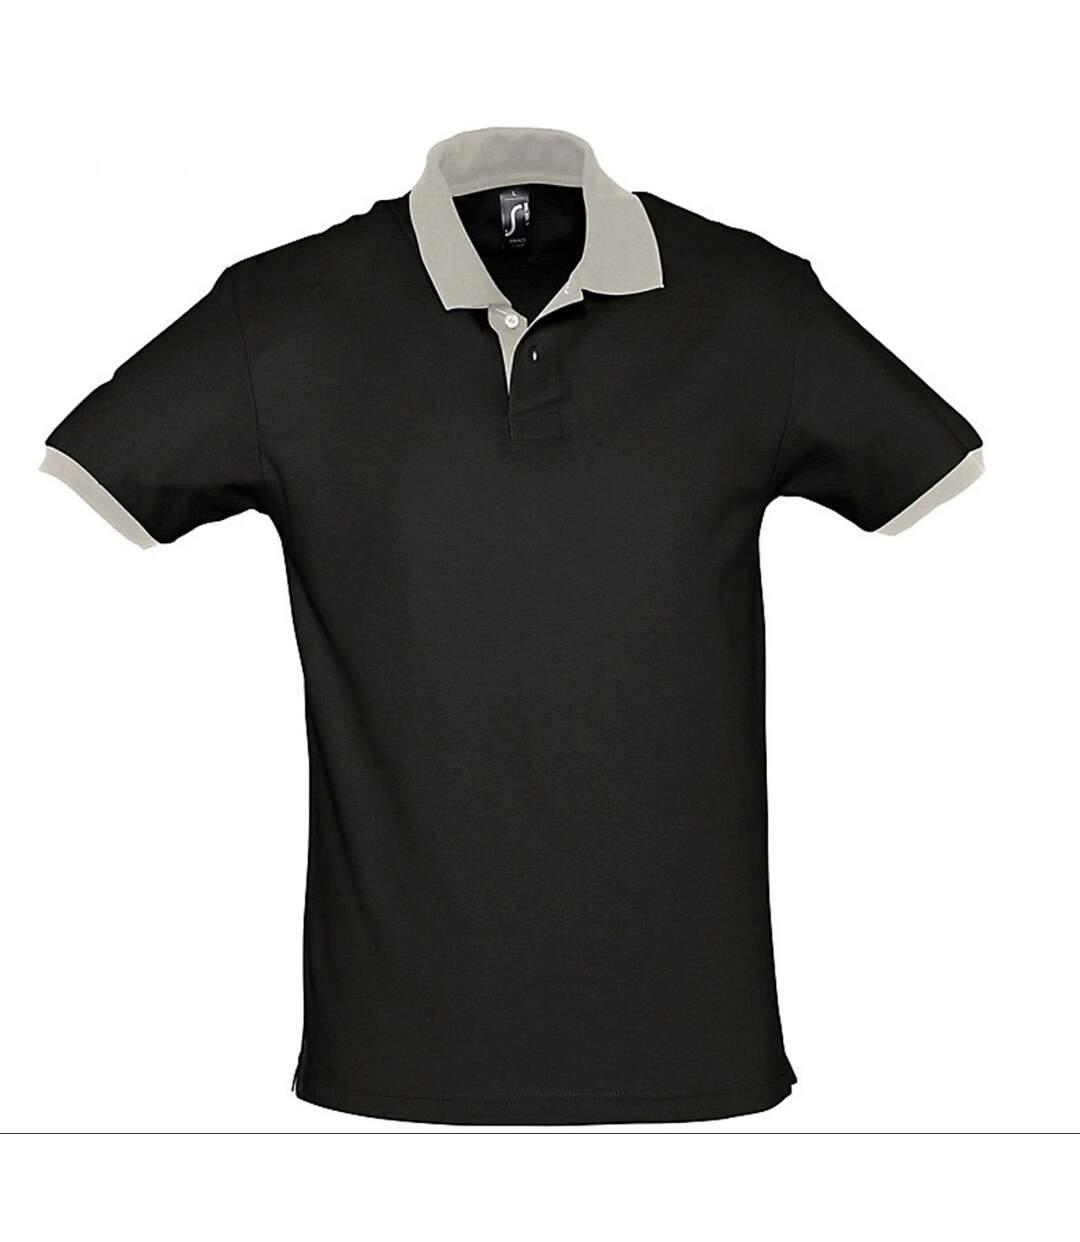 Polo homme bicolore - 11369 - noir et gris